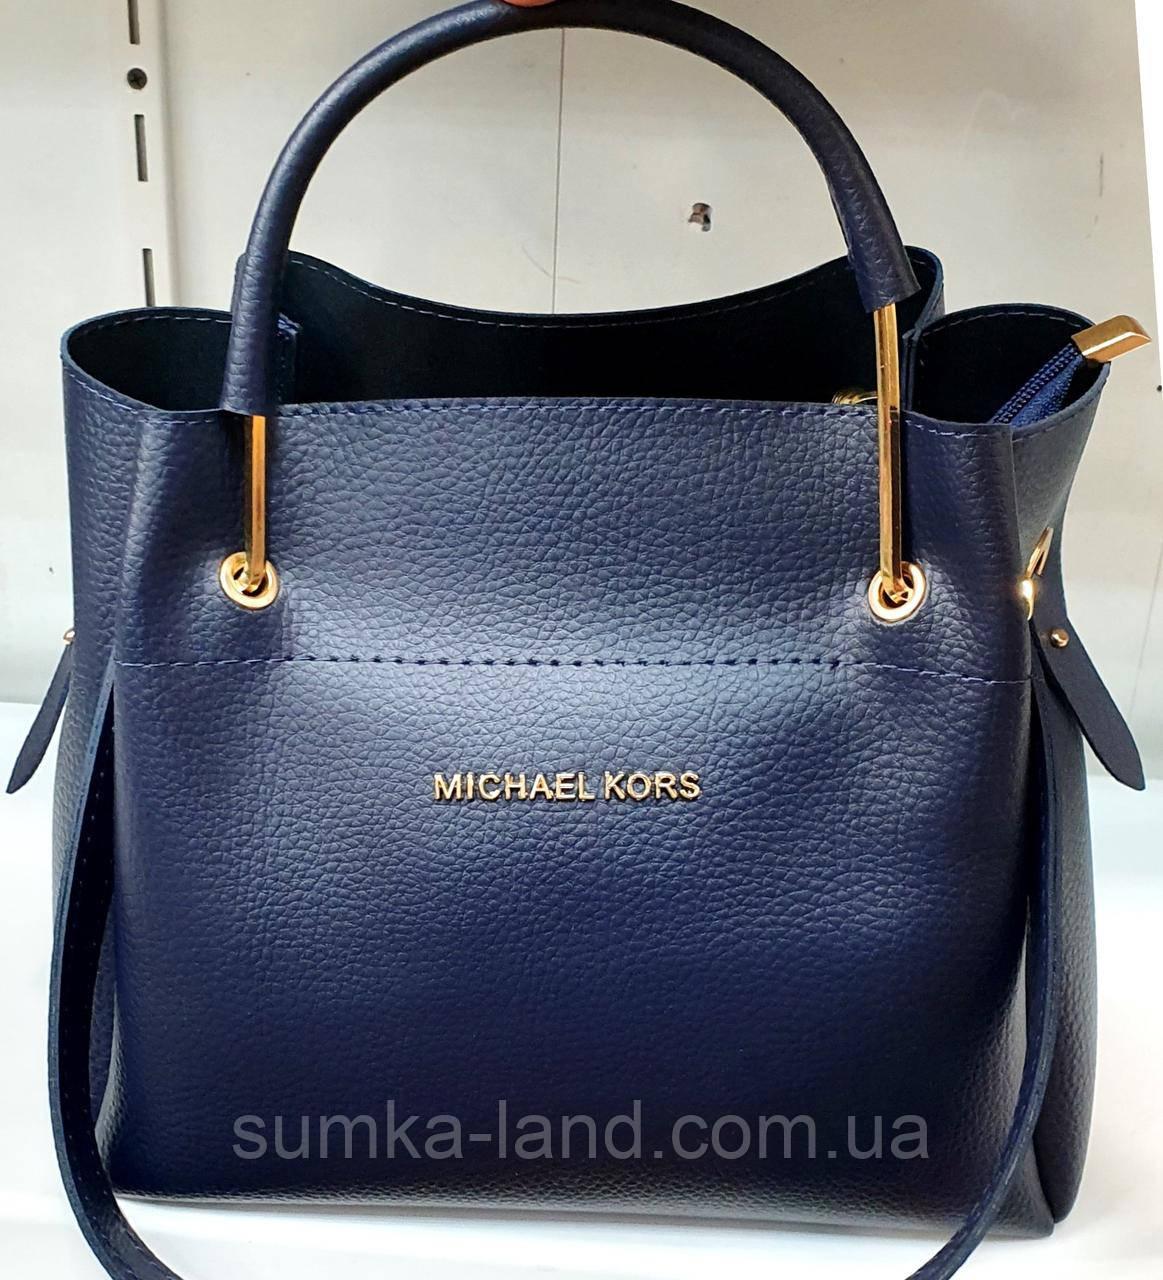 Женская синяя сумка с клатчем Michael Kors 28*26